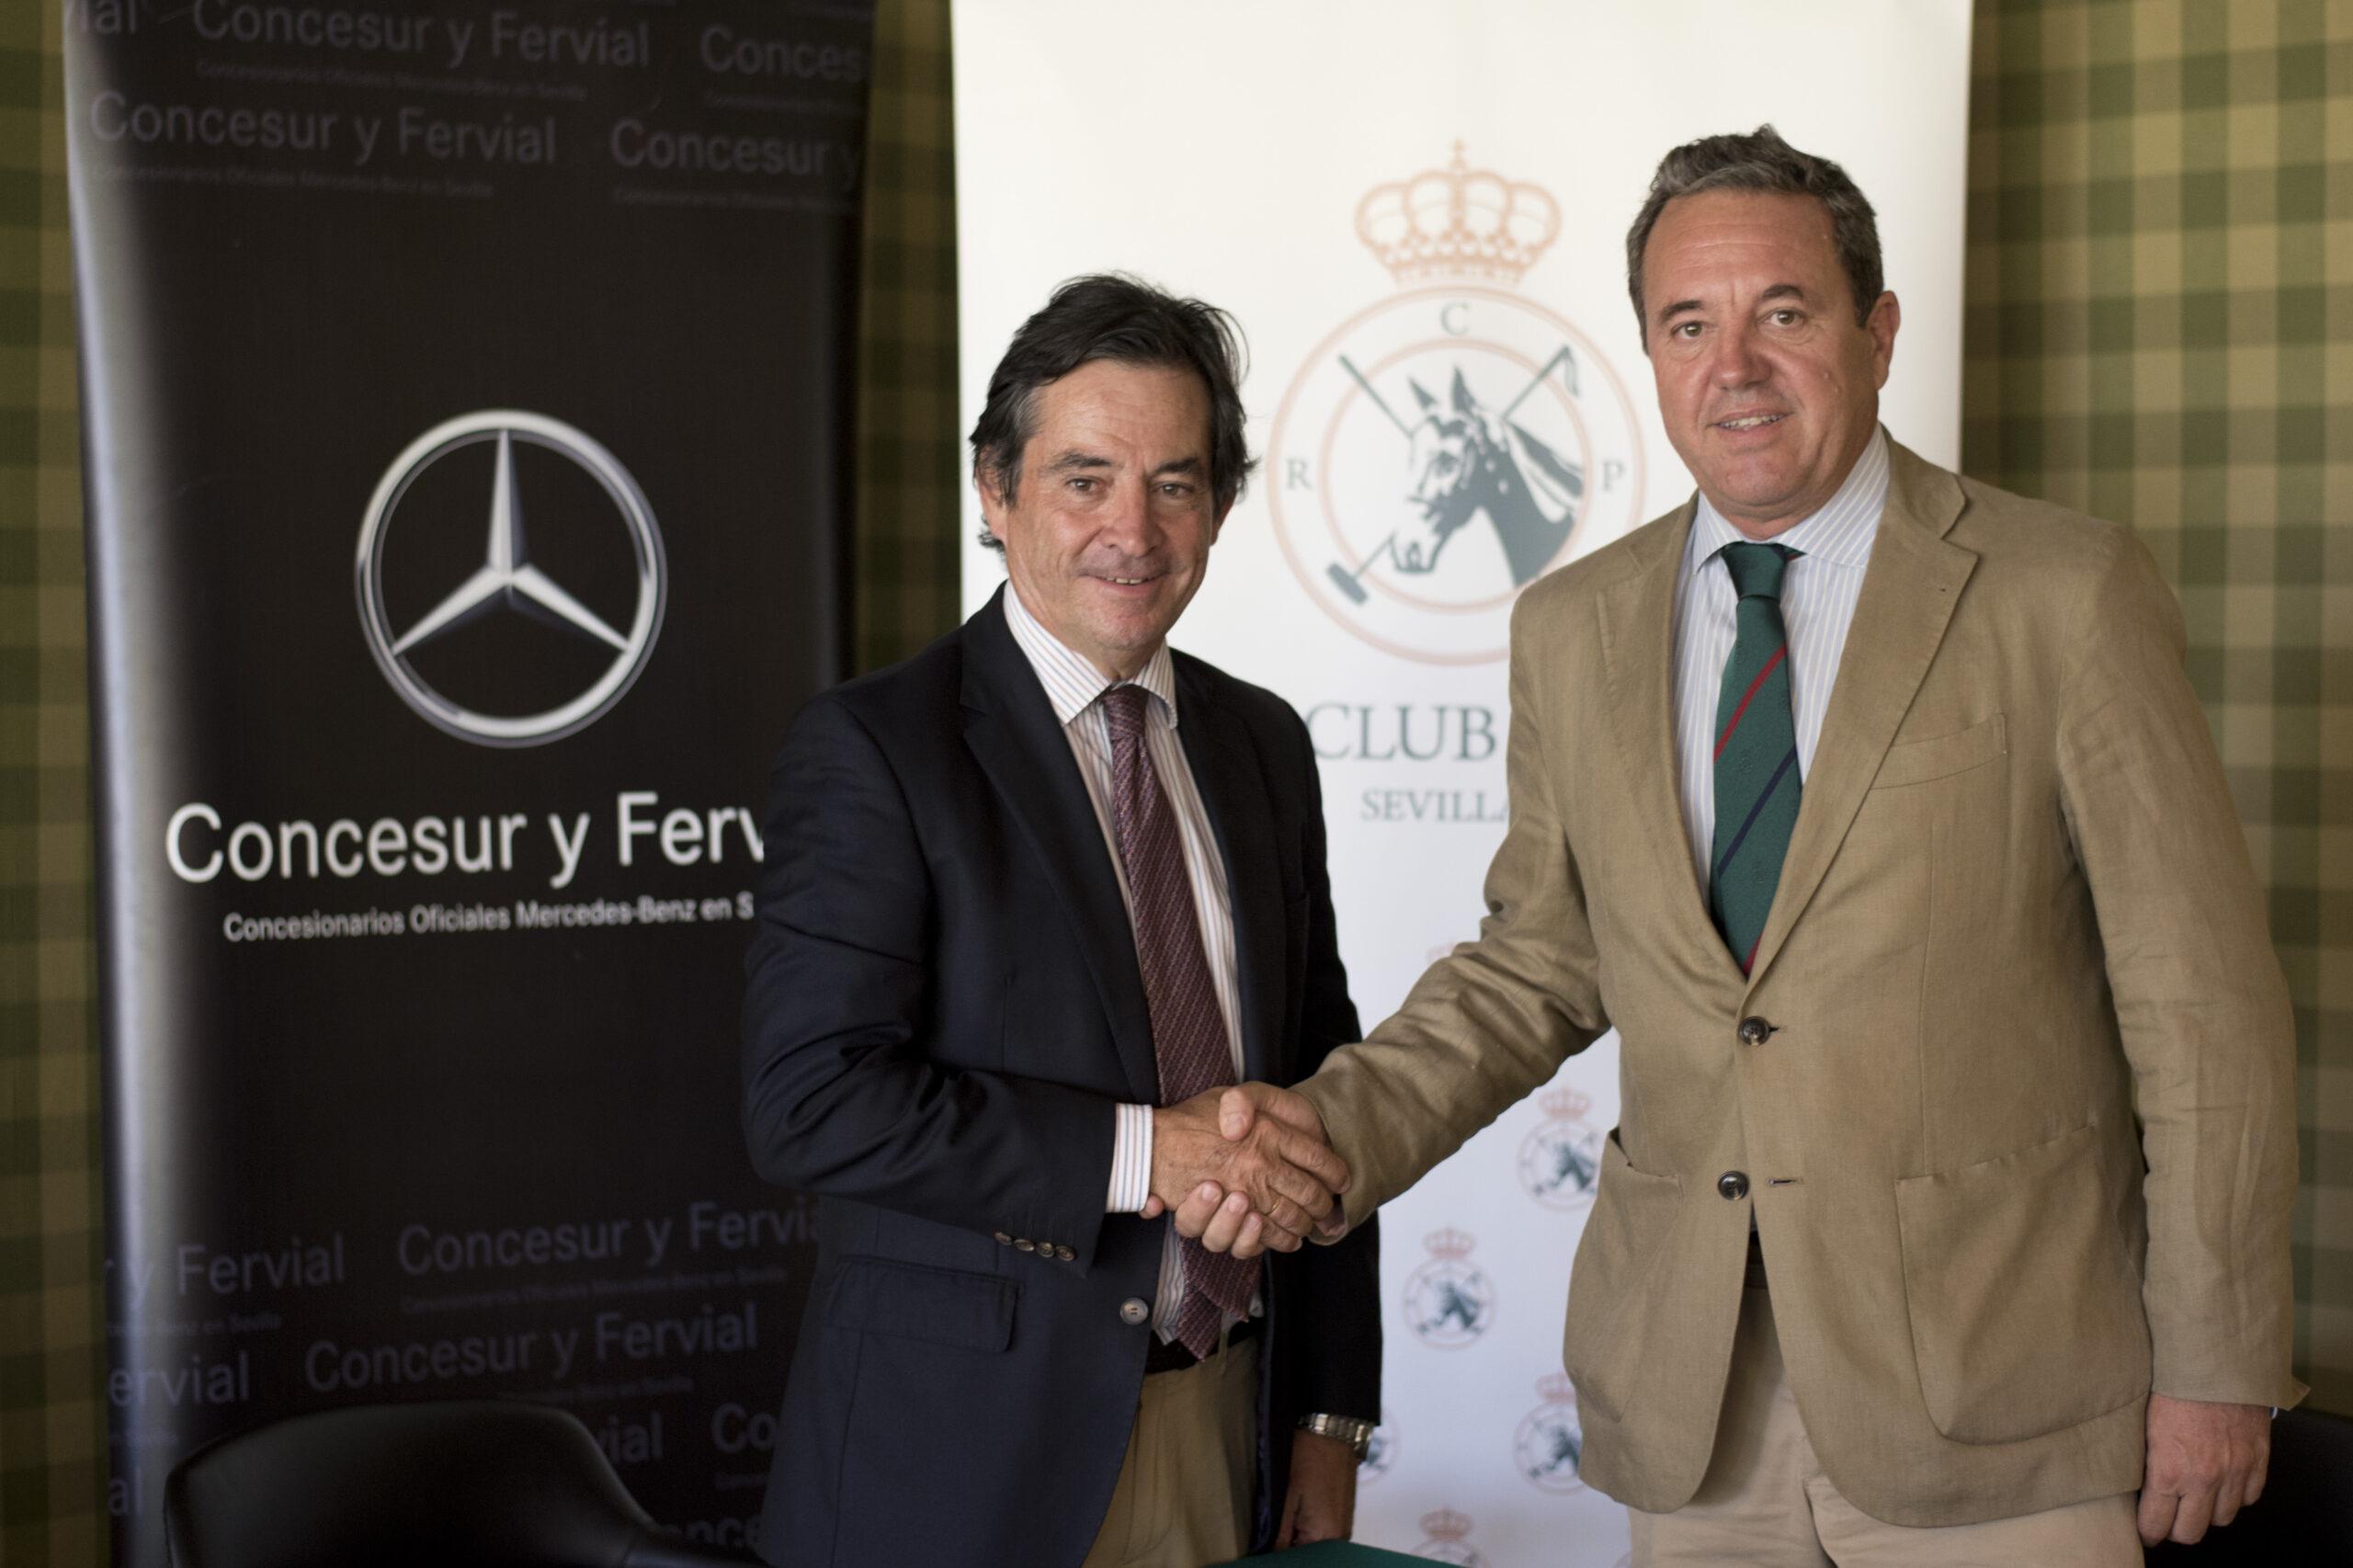 Concesur Mercedes-Benz firma con el Real Club Pineda